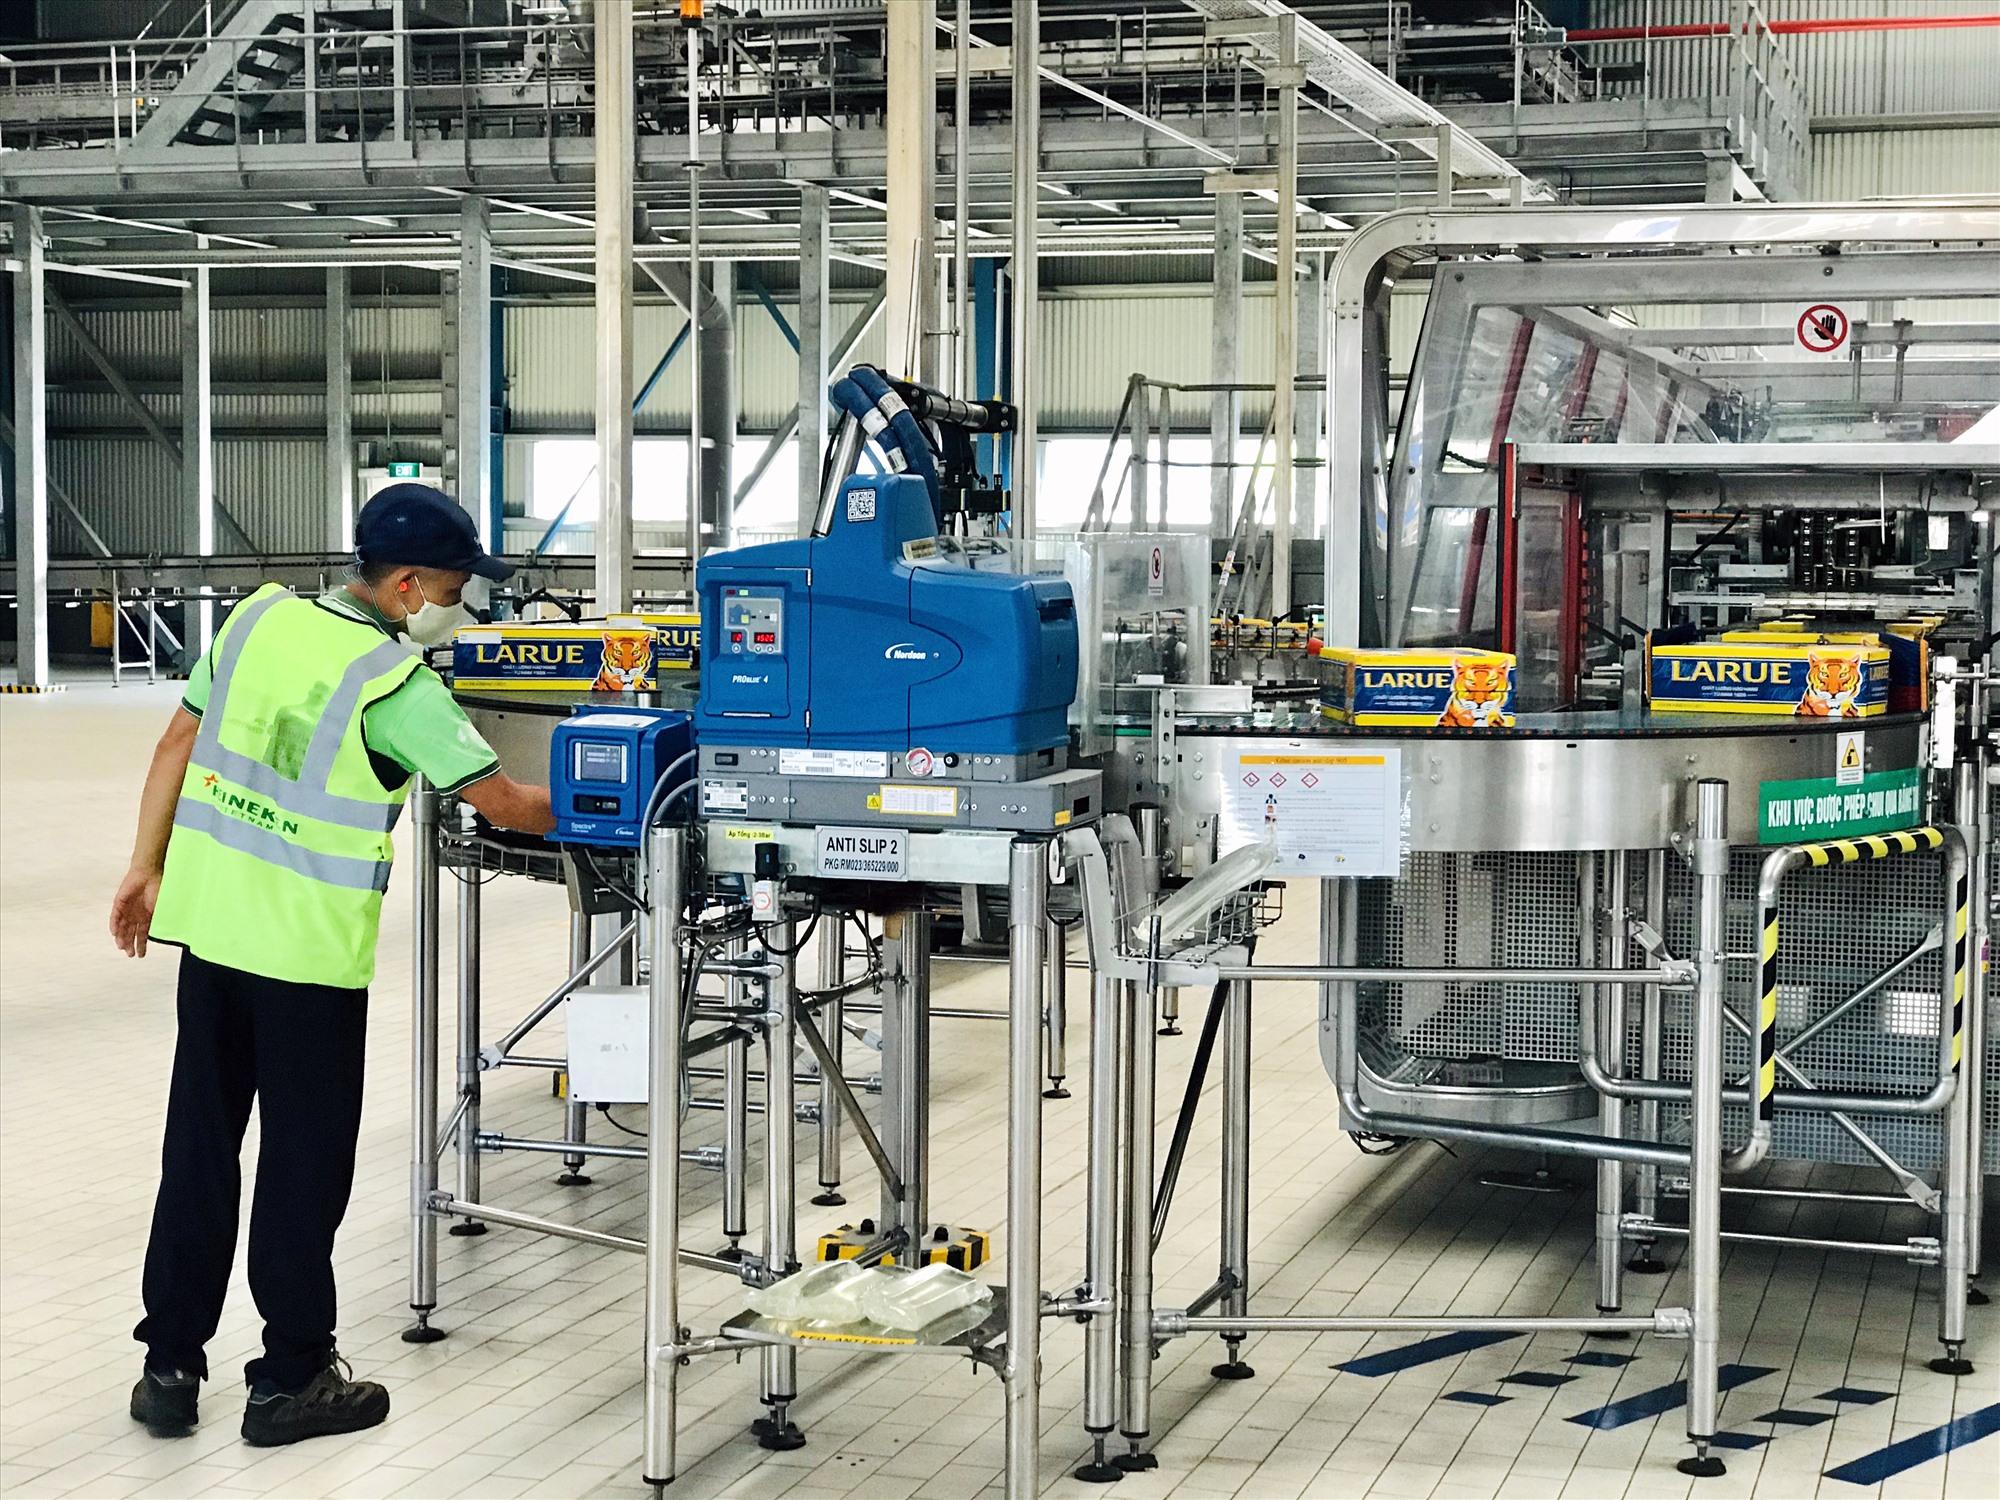 Cần nhiều hơn các doanh nghiệp sản xuất hiệu quả, ít tác động đến môi trường và đóng góp nguồn thu lớn cho ngân sách địa phương tại Khu công nghiệp Điện Nam - Điện Ngọc. Ảnh: Q.T